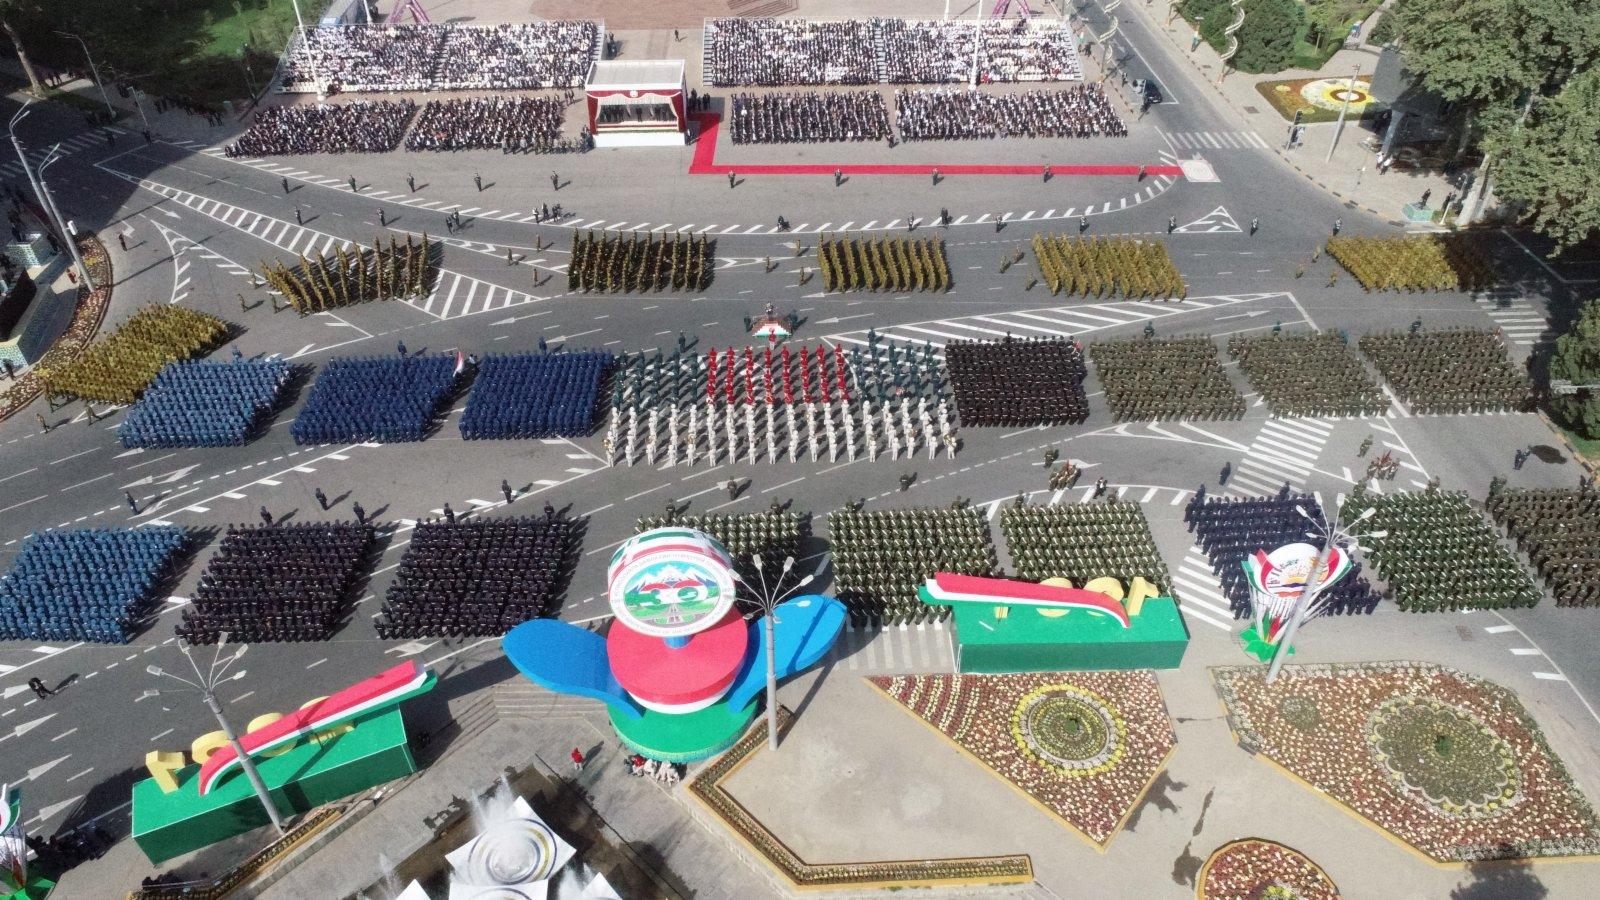 這是塔吉克斯坦杜尚別舉行的閱兵儀式現場(9月7日攝)。(新華社)